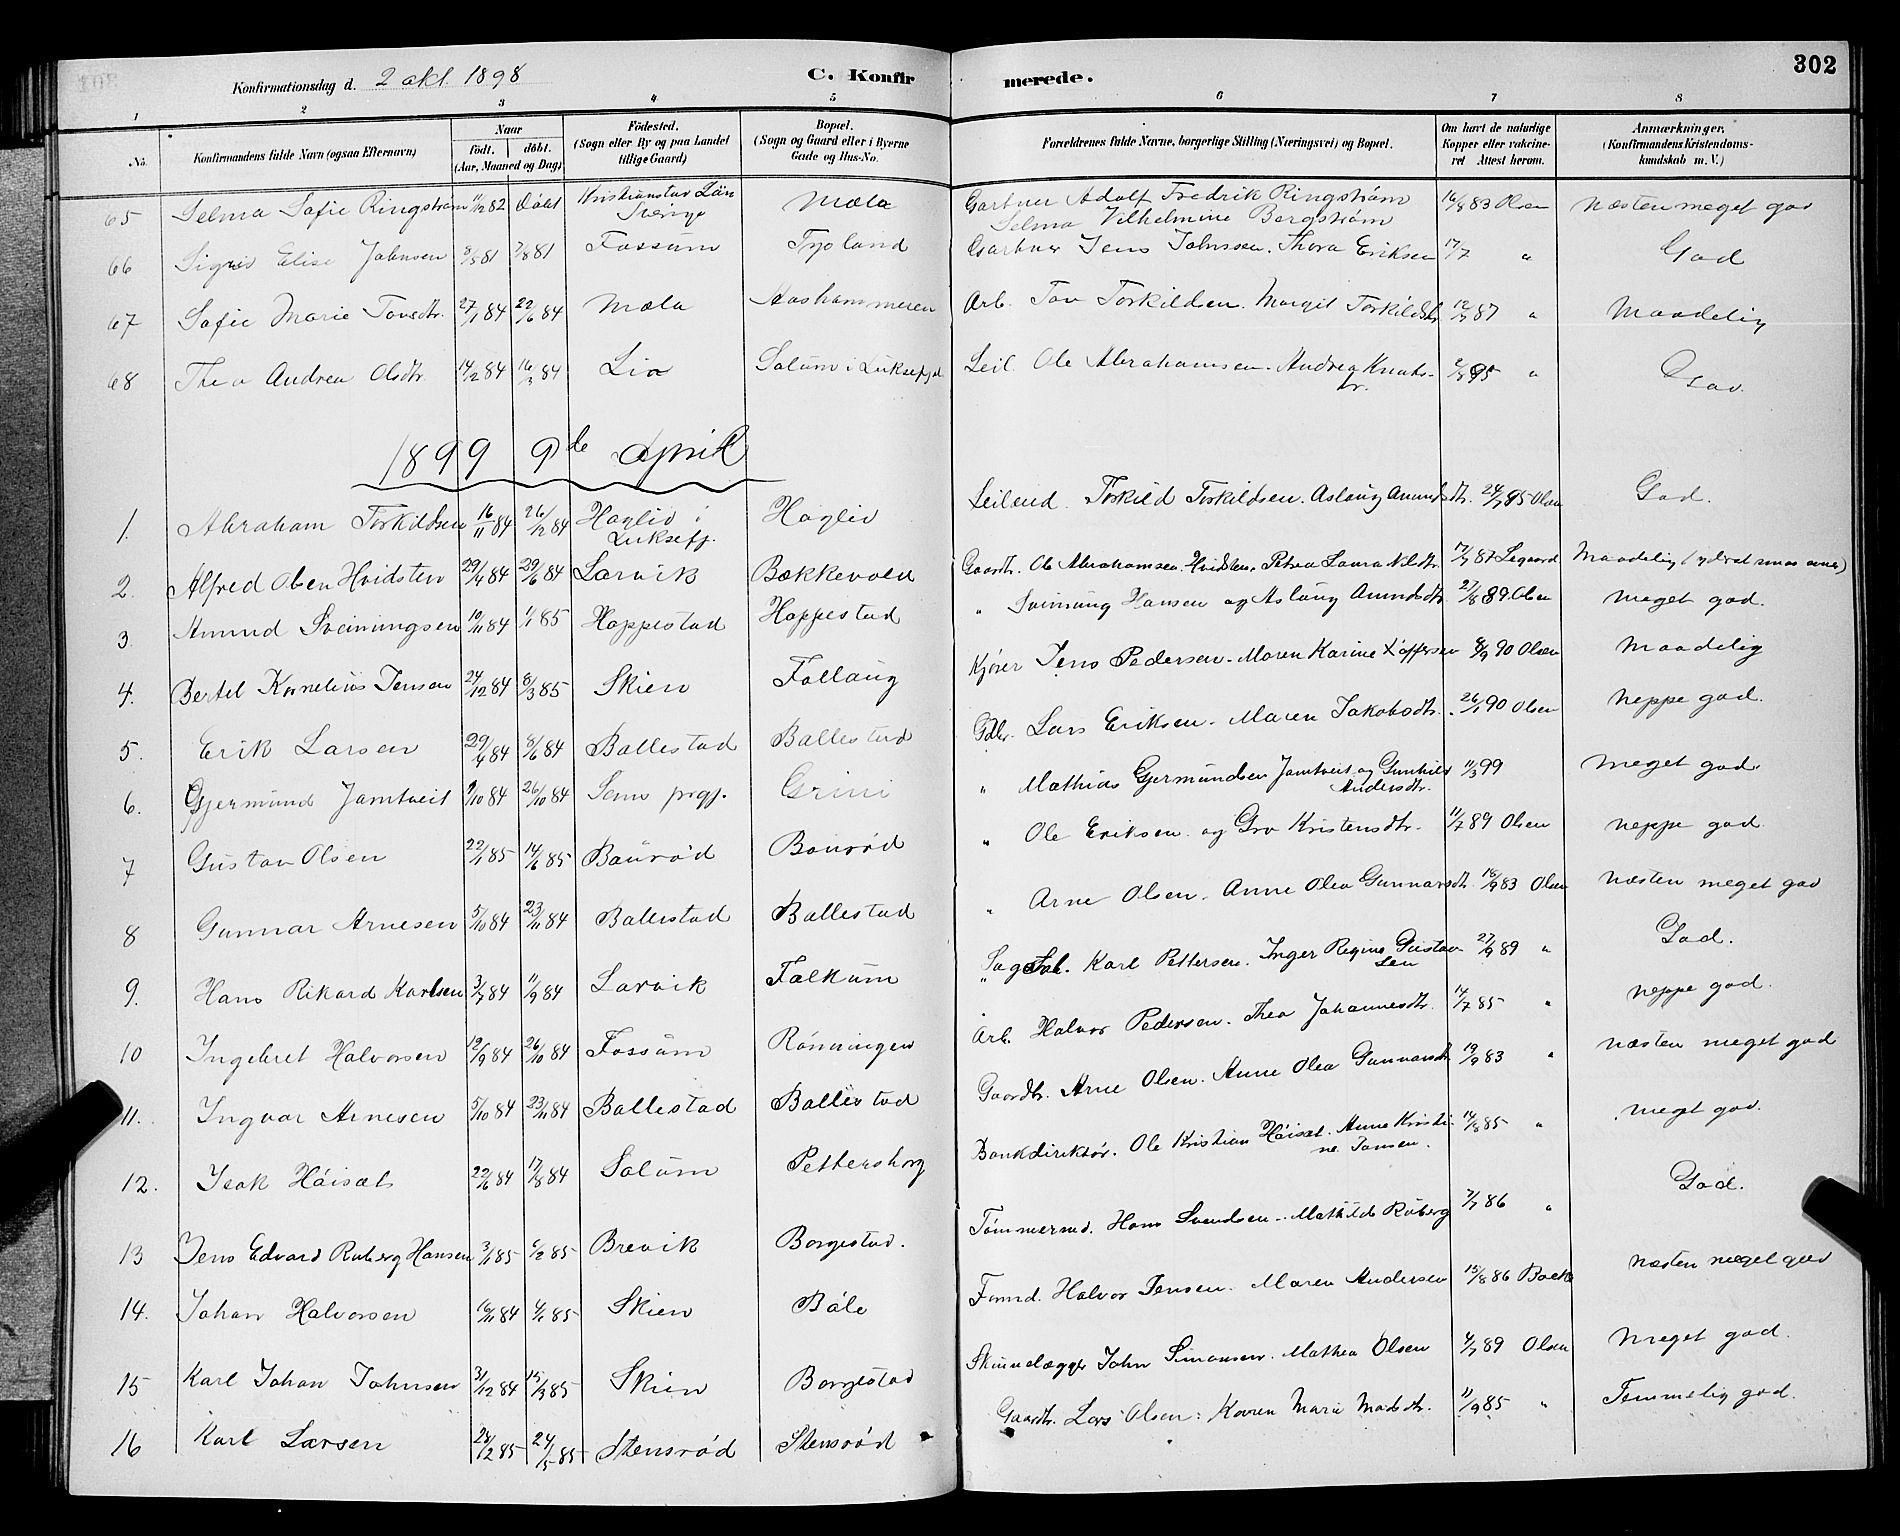 SAKO, Gjerpen kirkebøker, G/Ga/L0002: Klokkerbok nr. I 2, 1883-1900, s. 302